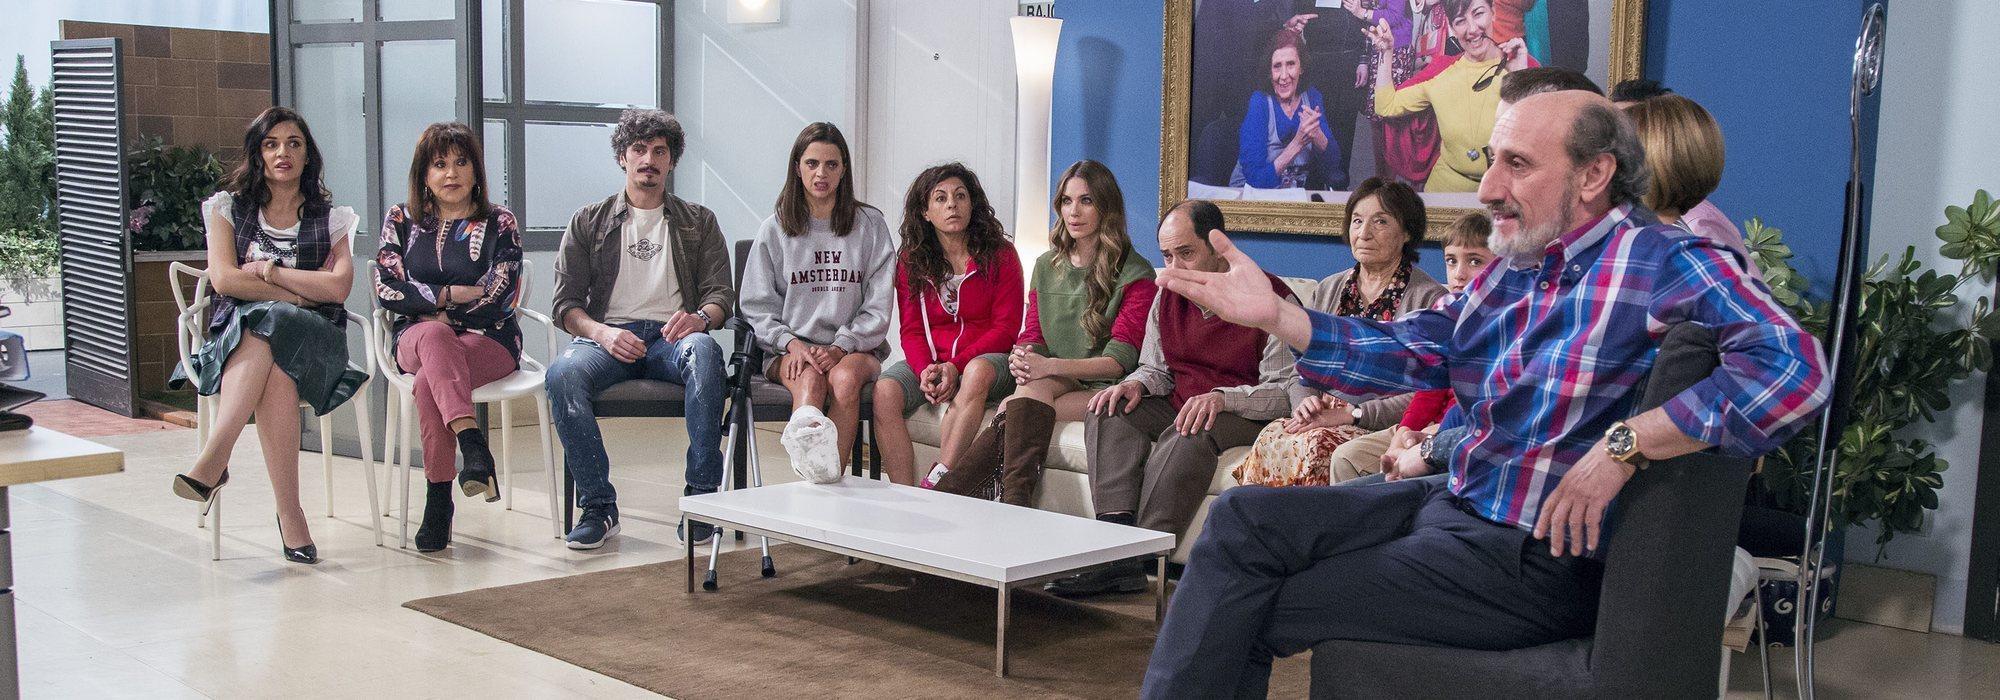 ¿Por qué Telecinco no ha estrenado 'La que se avecina' en todo 2018? Las razones que explican este retraso